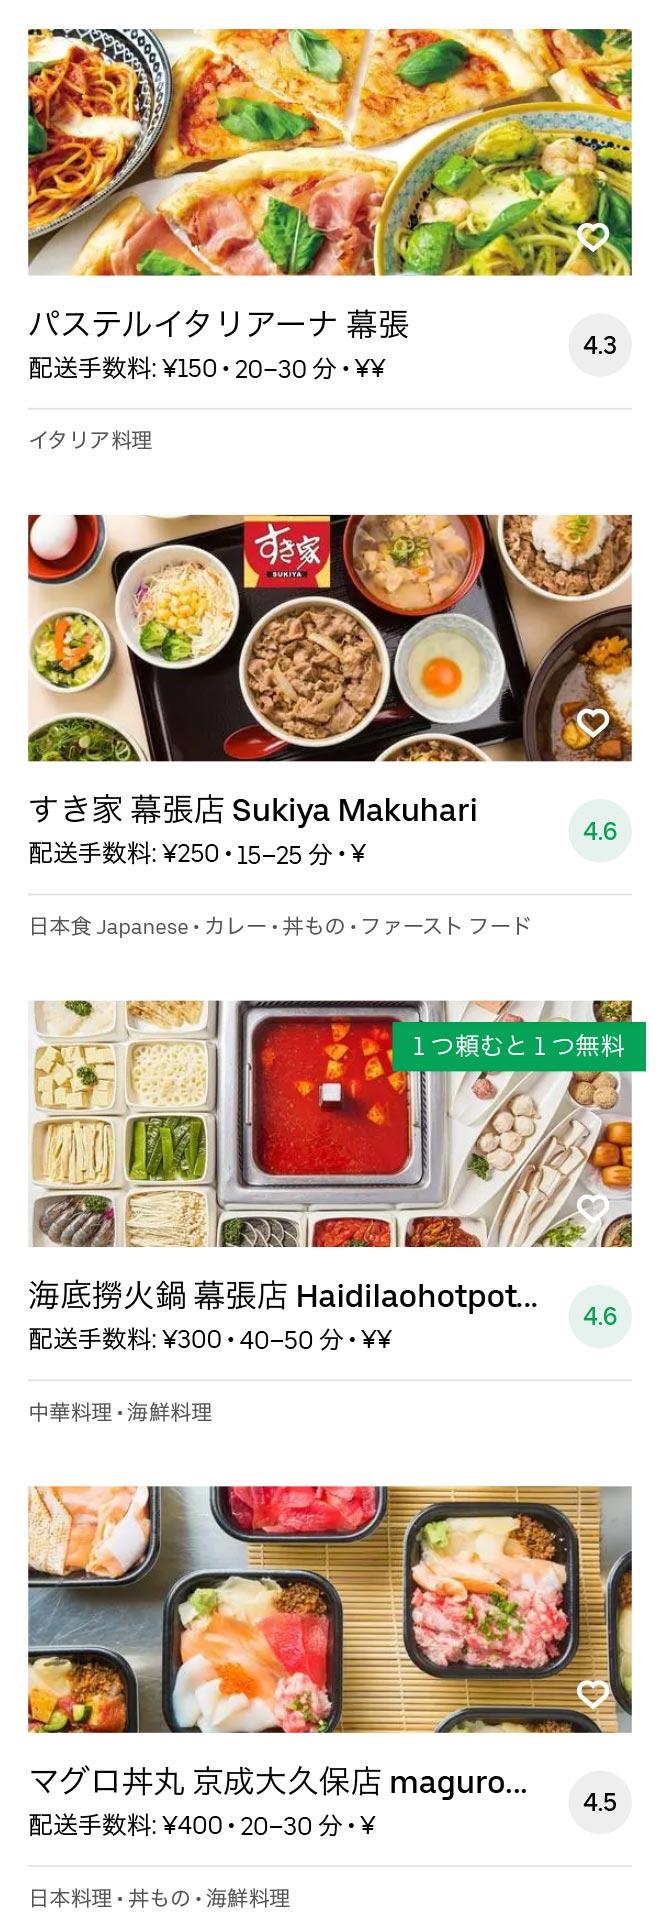 Makuhari menu 2010 09